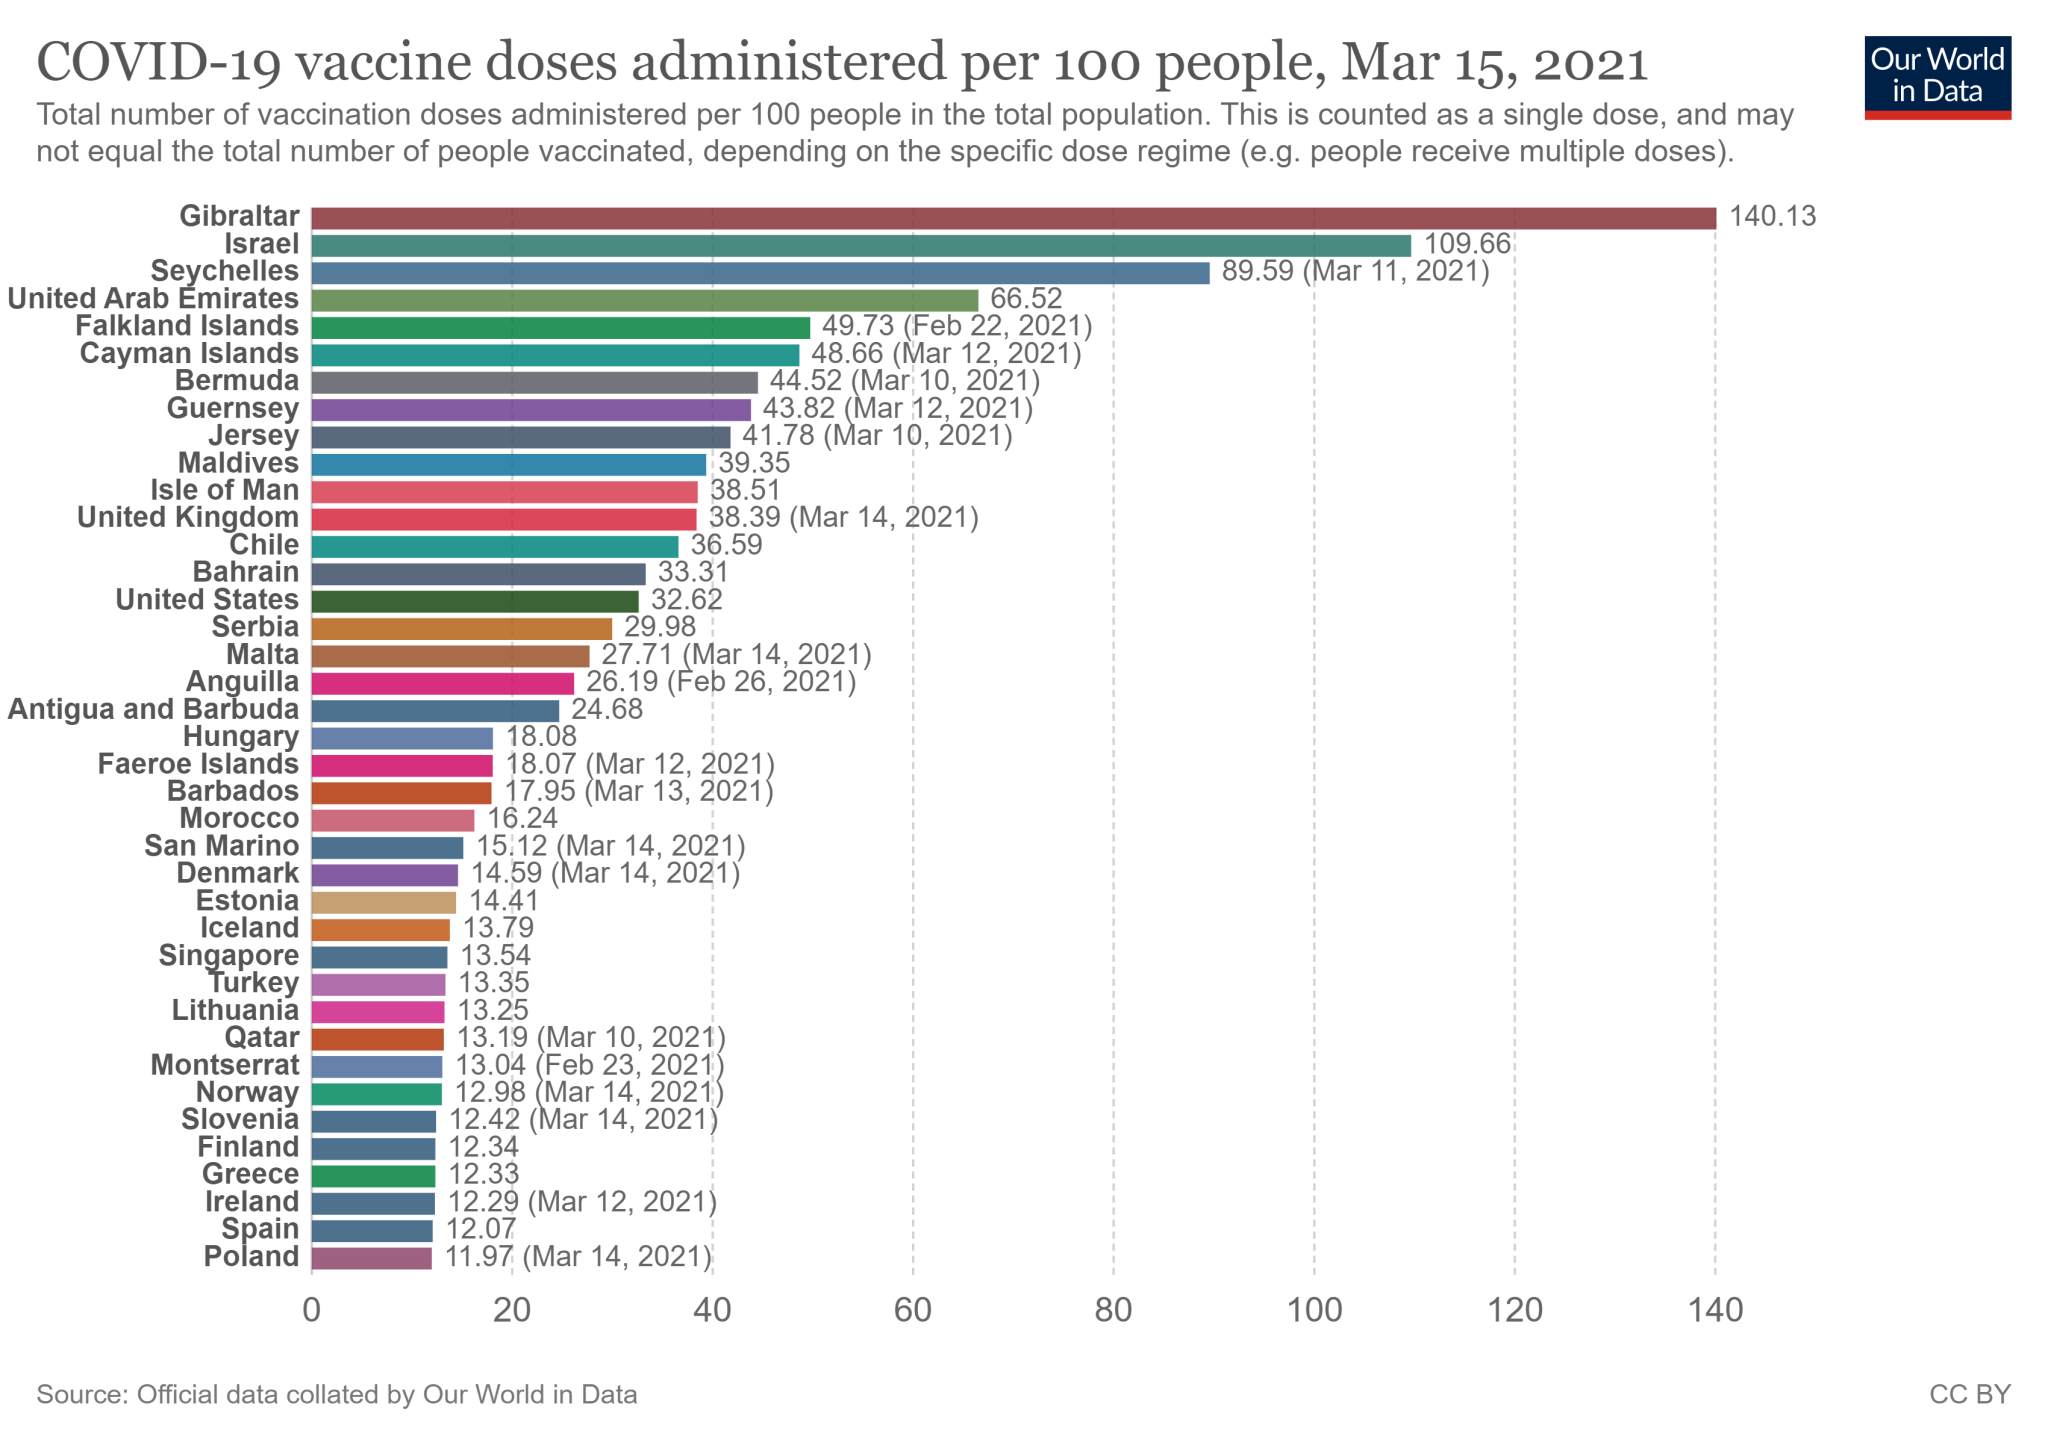 Państwa z najwyższym wskaźnikiem zaszczepienia na świecie. Polska znalazła się na 39. miejscu (stan na 15 marca 2021).